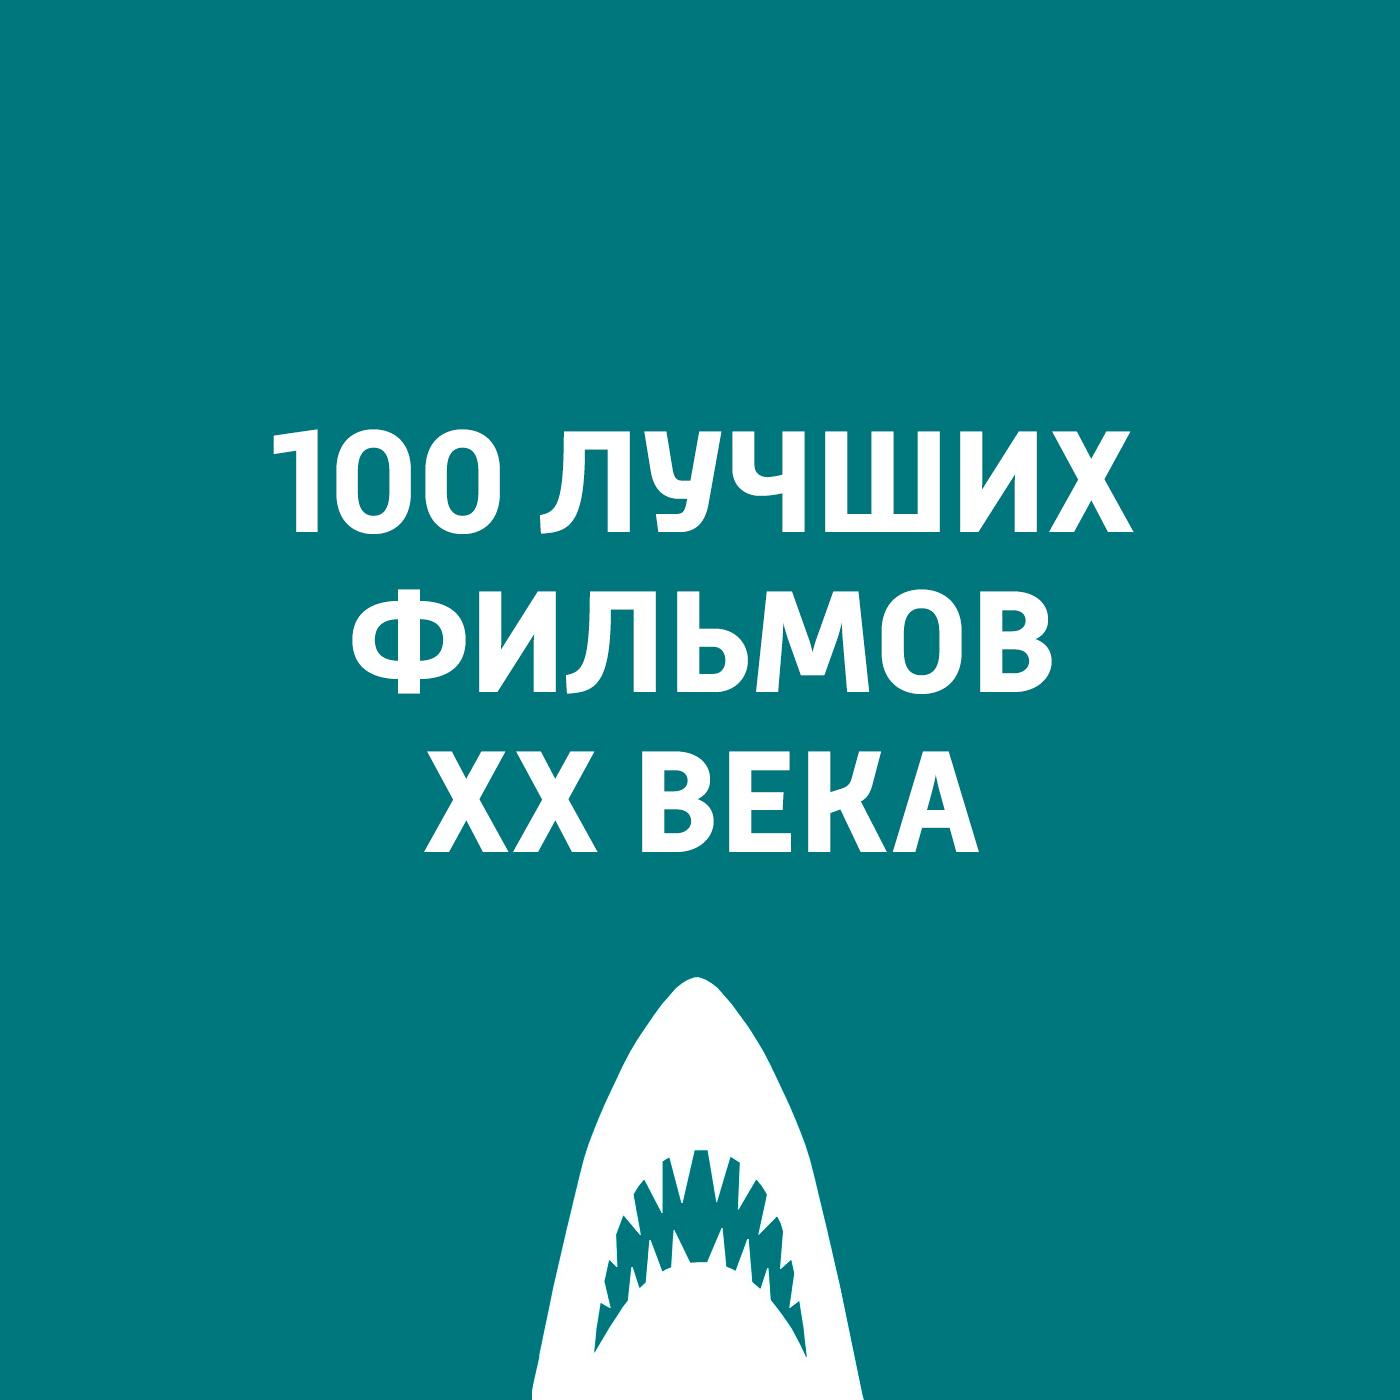 Антон Долин Полёты во сне и наяву